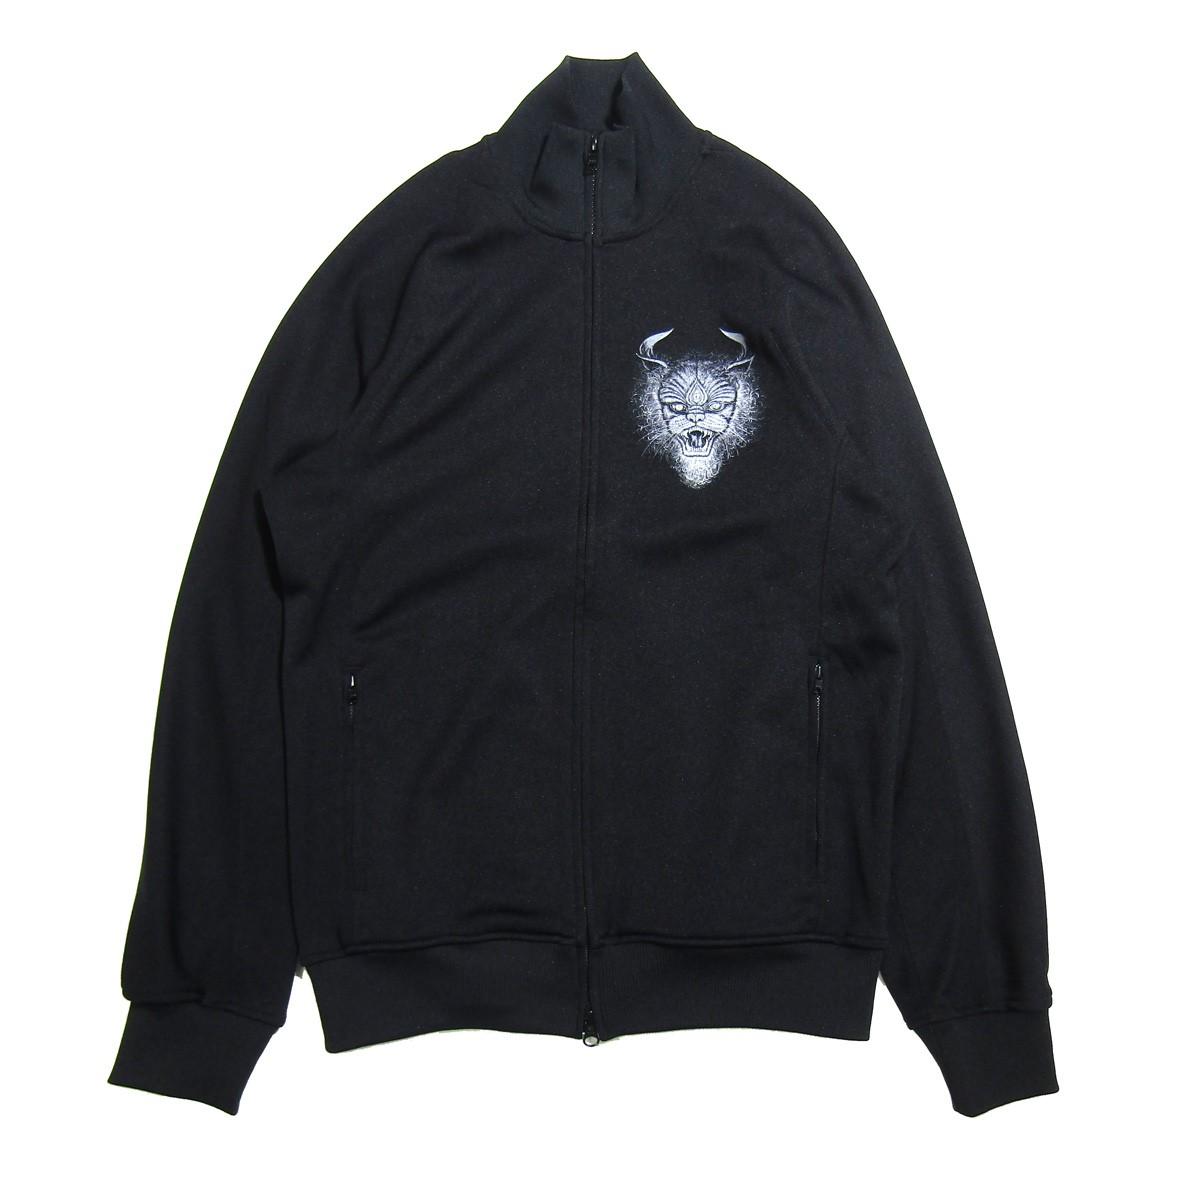 【中古】Y-3 2019AW プリントトラックジャケット ブラック サイズ:M 【260620】(ワイスリー)